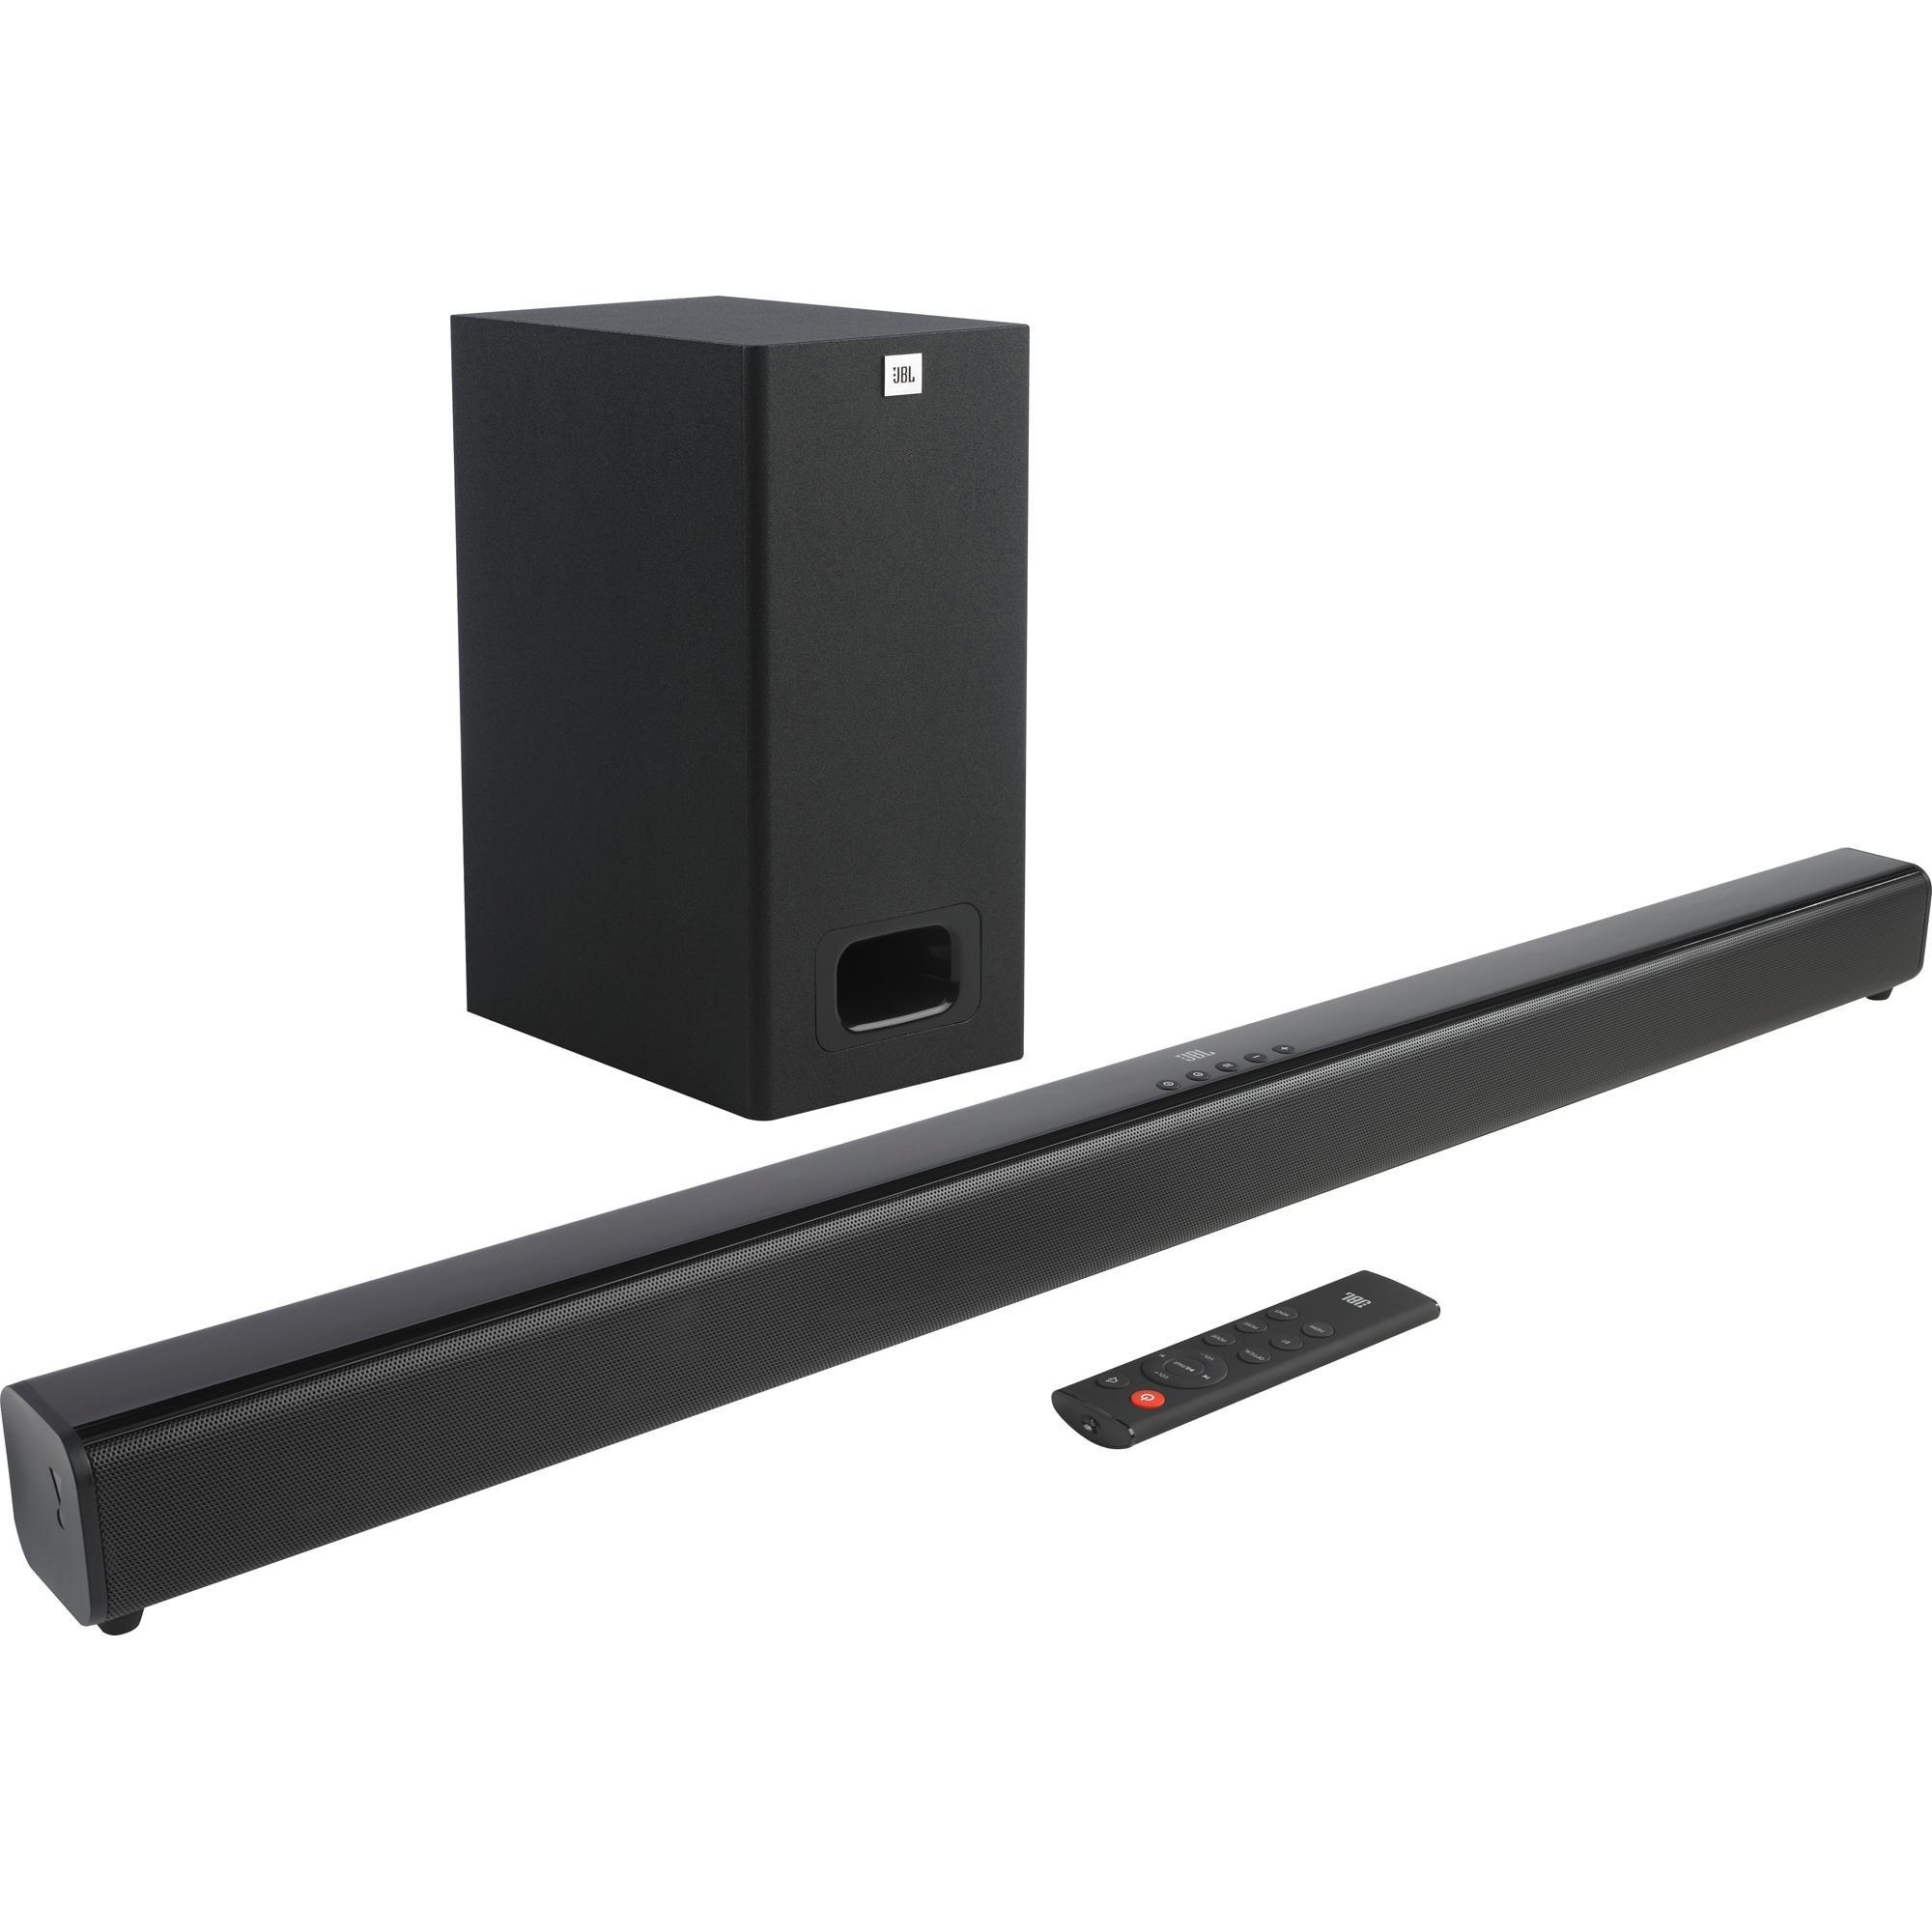 Soundbar com Subwoofer 2.1 Bluetooth 55W Cinema SB130 Preto